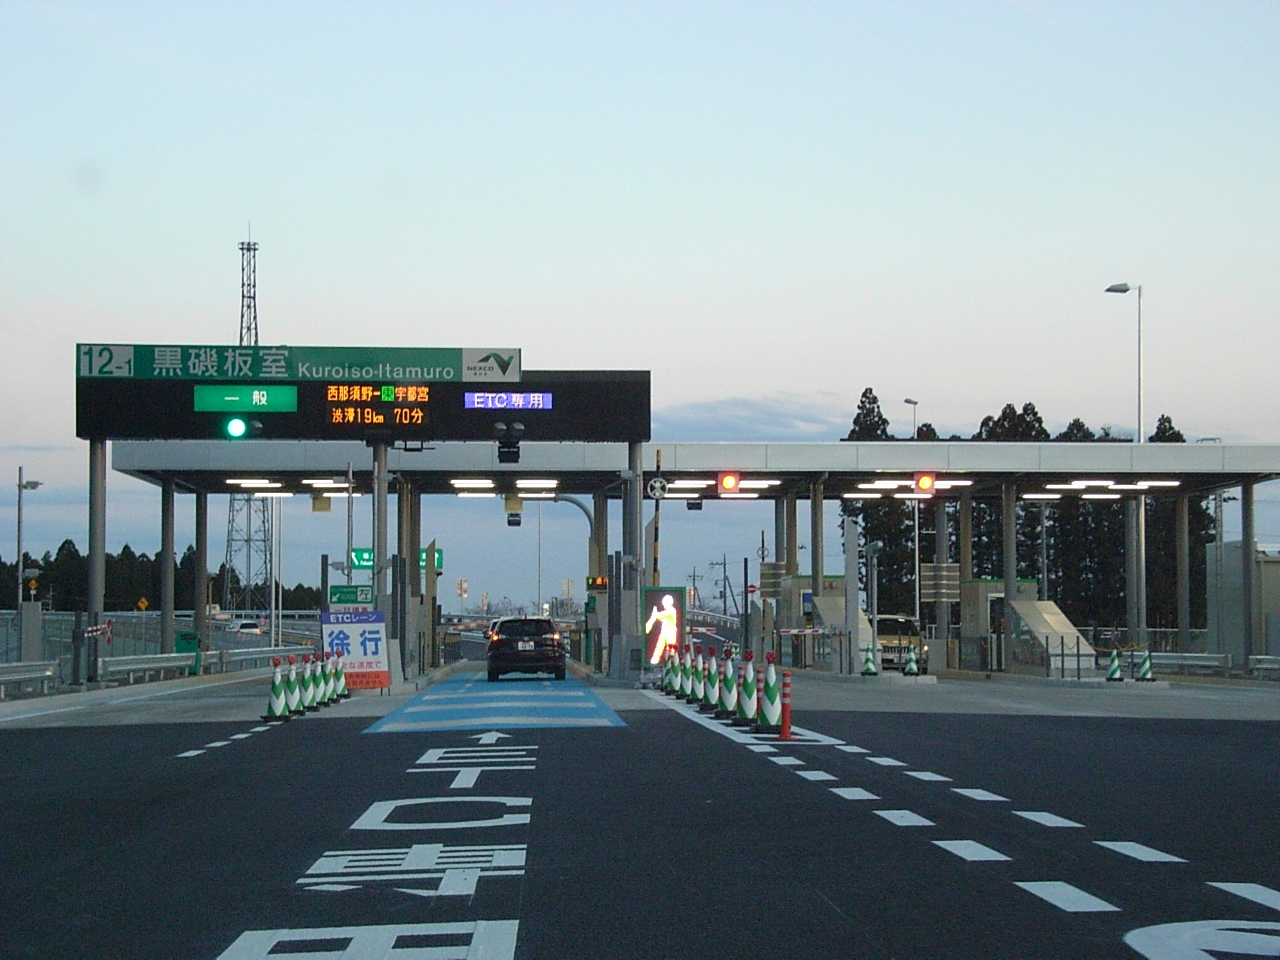 https://upload.wikimedia.org/wikipedia/commons/d/d8/Kuroiso-Itamuro_ic.jpg